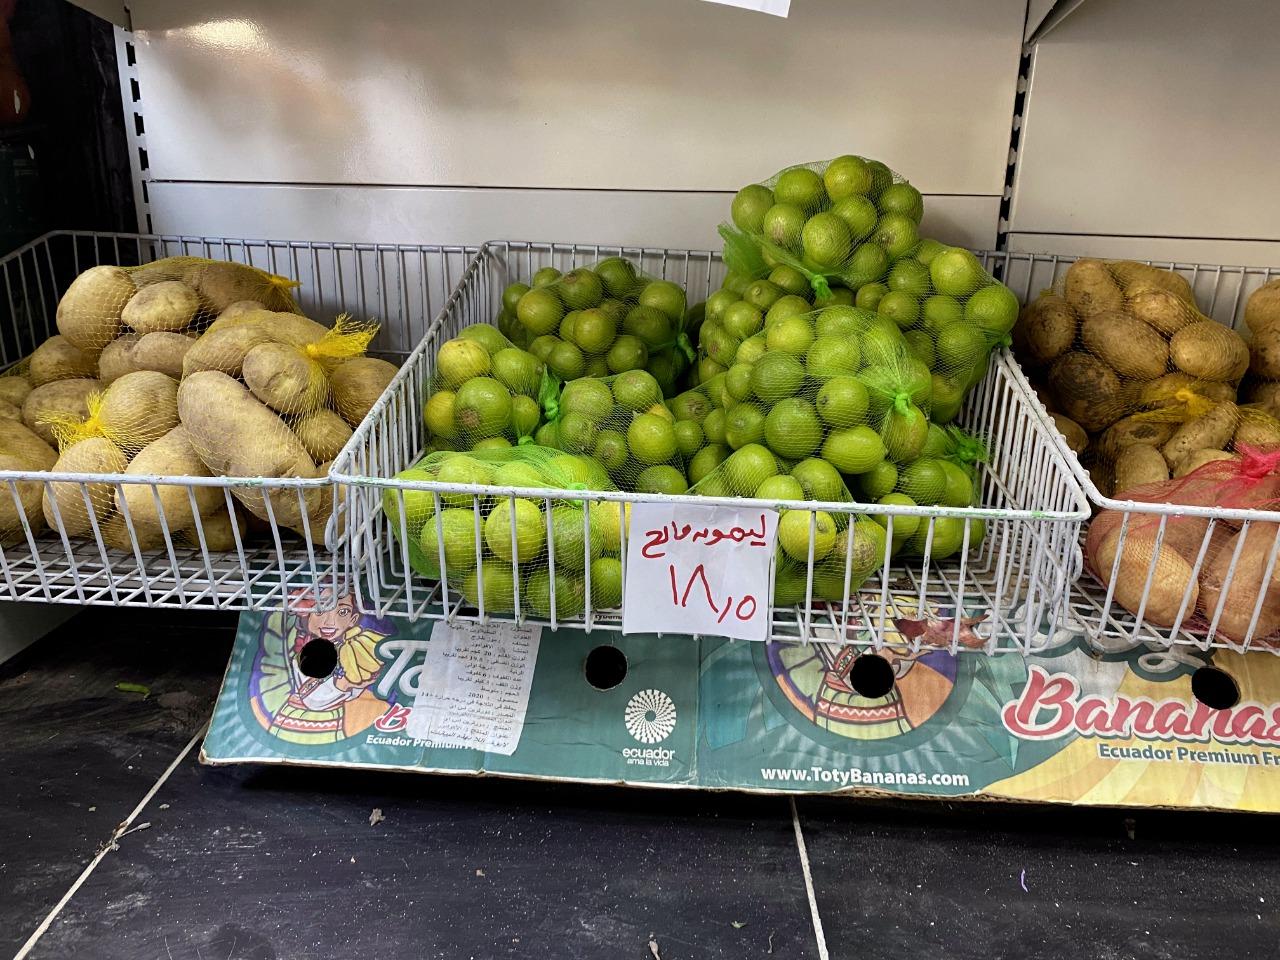 تخفيضات بمنتجات الخضراوات والفاكهة واللحوم والدواجن (7)